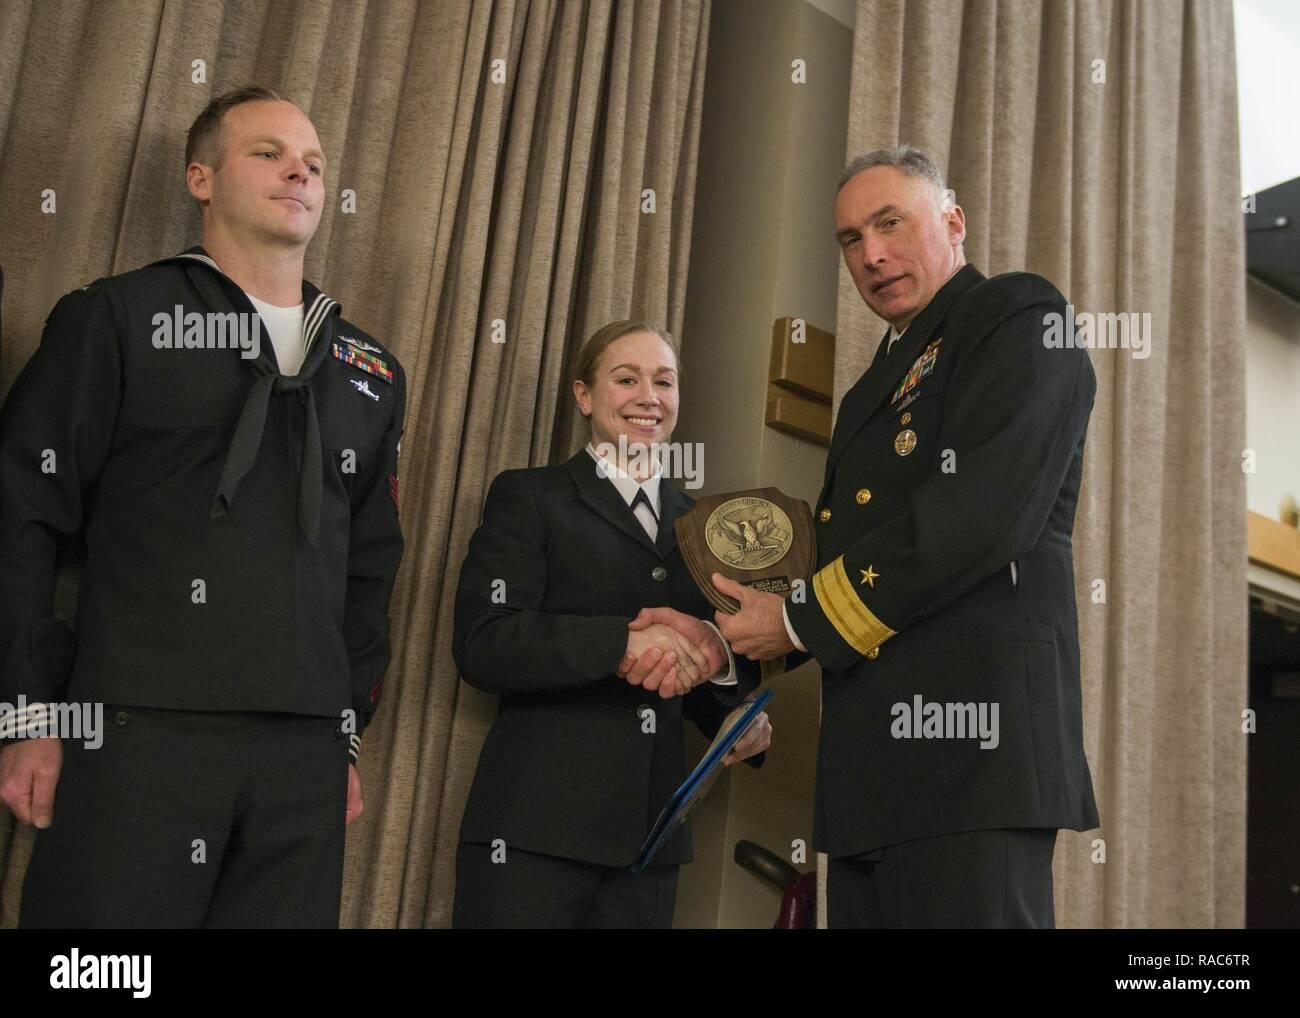 BANGOR, Washington (Ene. 17, 2017) Rear Adm. John Tammen, comandante del grupo 9, el submarino, felicita a Sonar Technician (superficie) de 2ª Clase, desde Pownal Kegan Dyer, Maine, asignado al Océano Naval Processing Facility, Whidbey Island, al convertirse en el 2016 Mar Marinero Junior del año. El marinero del año Programa fue introducido en 1973 por el ex Jefe de Operaciones Navales de Adm. Elmo Zumwalt, reconocer un rendimiento superior en cada comando. Imagen De Stock